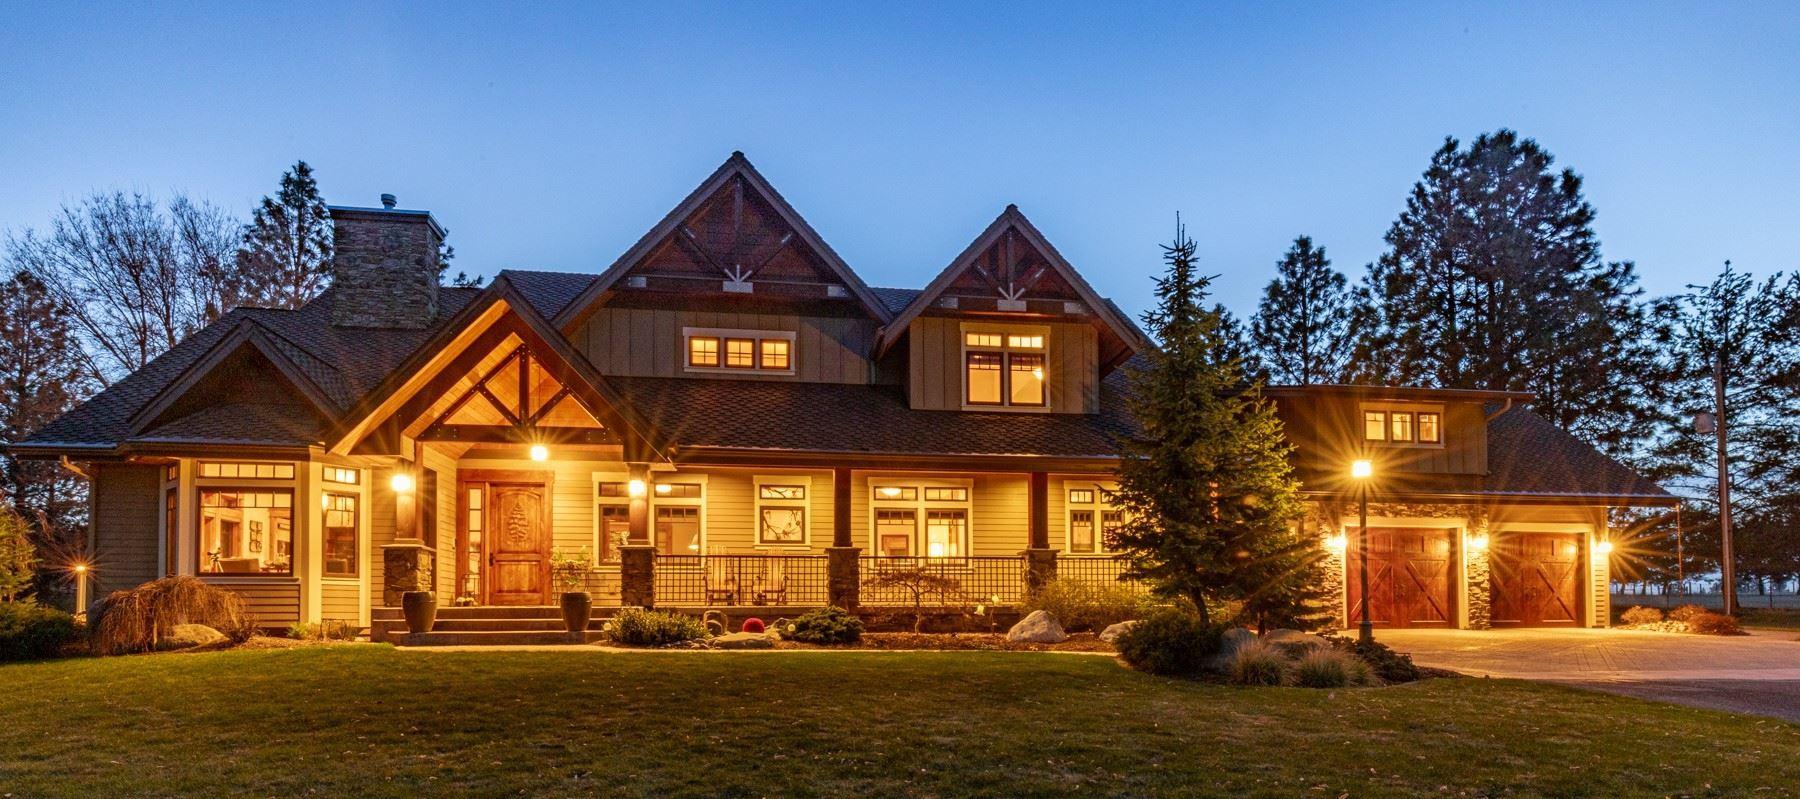 5010 S Chapman Rd, Spokane Valley, WA 99016-9787 - #: 202113495